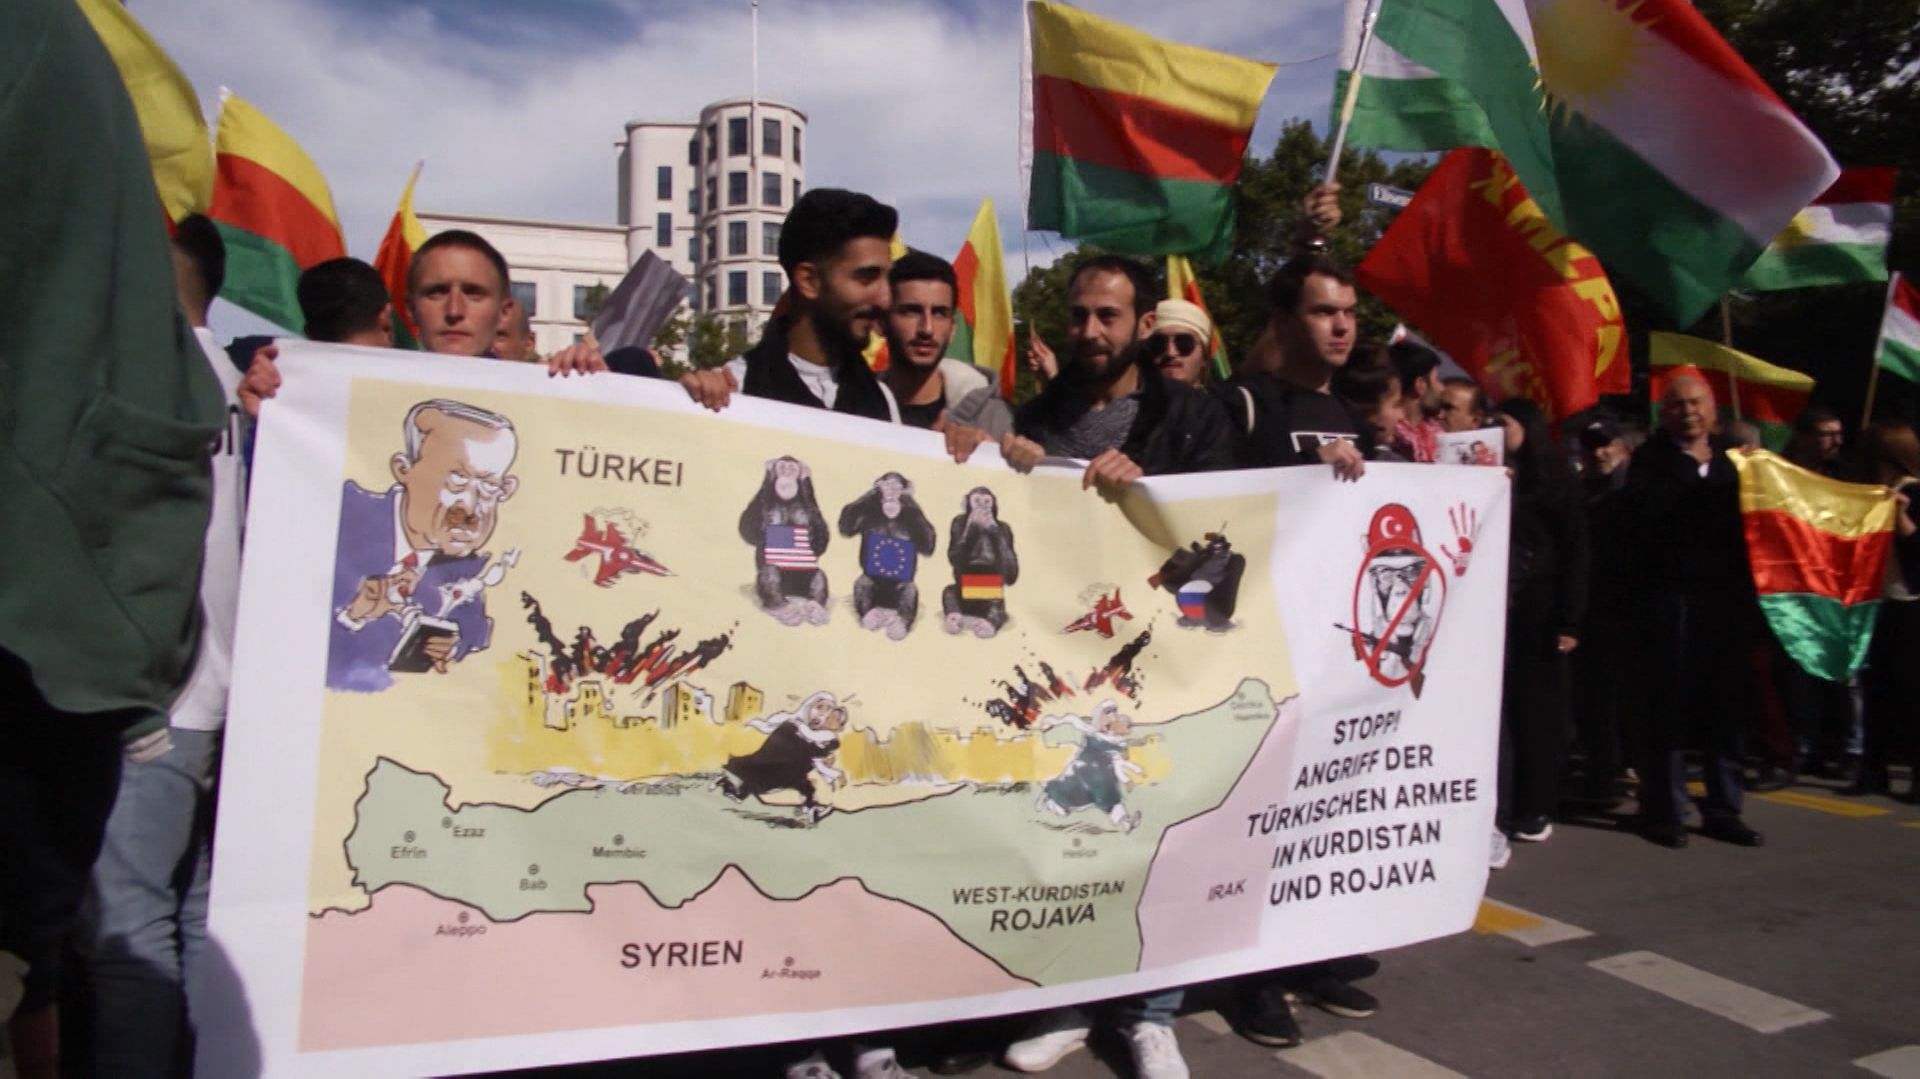 Demonstrationszug in München gegen den türkischen Militäreinsatz in Syrien